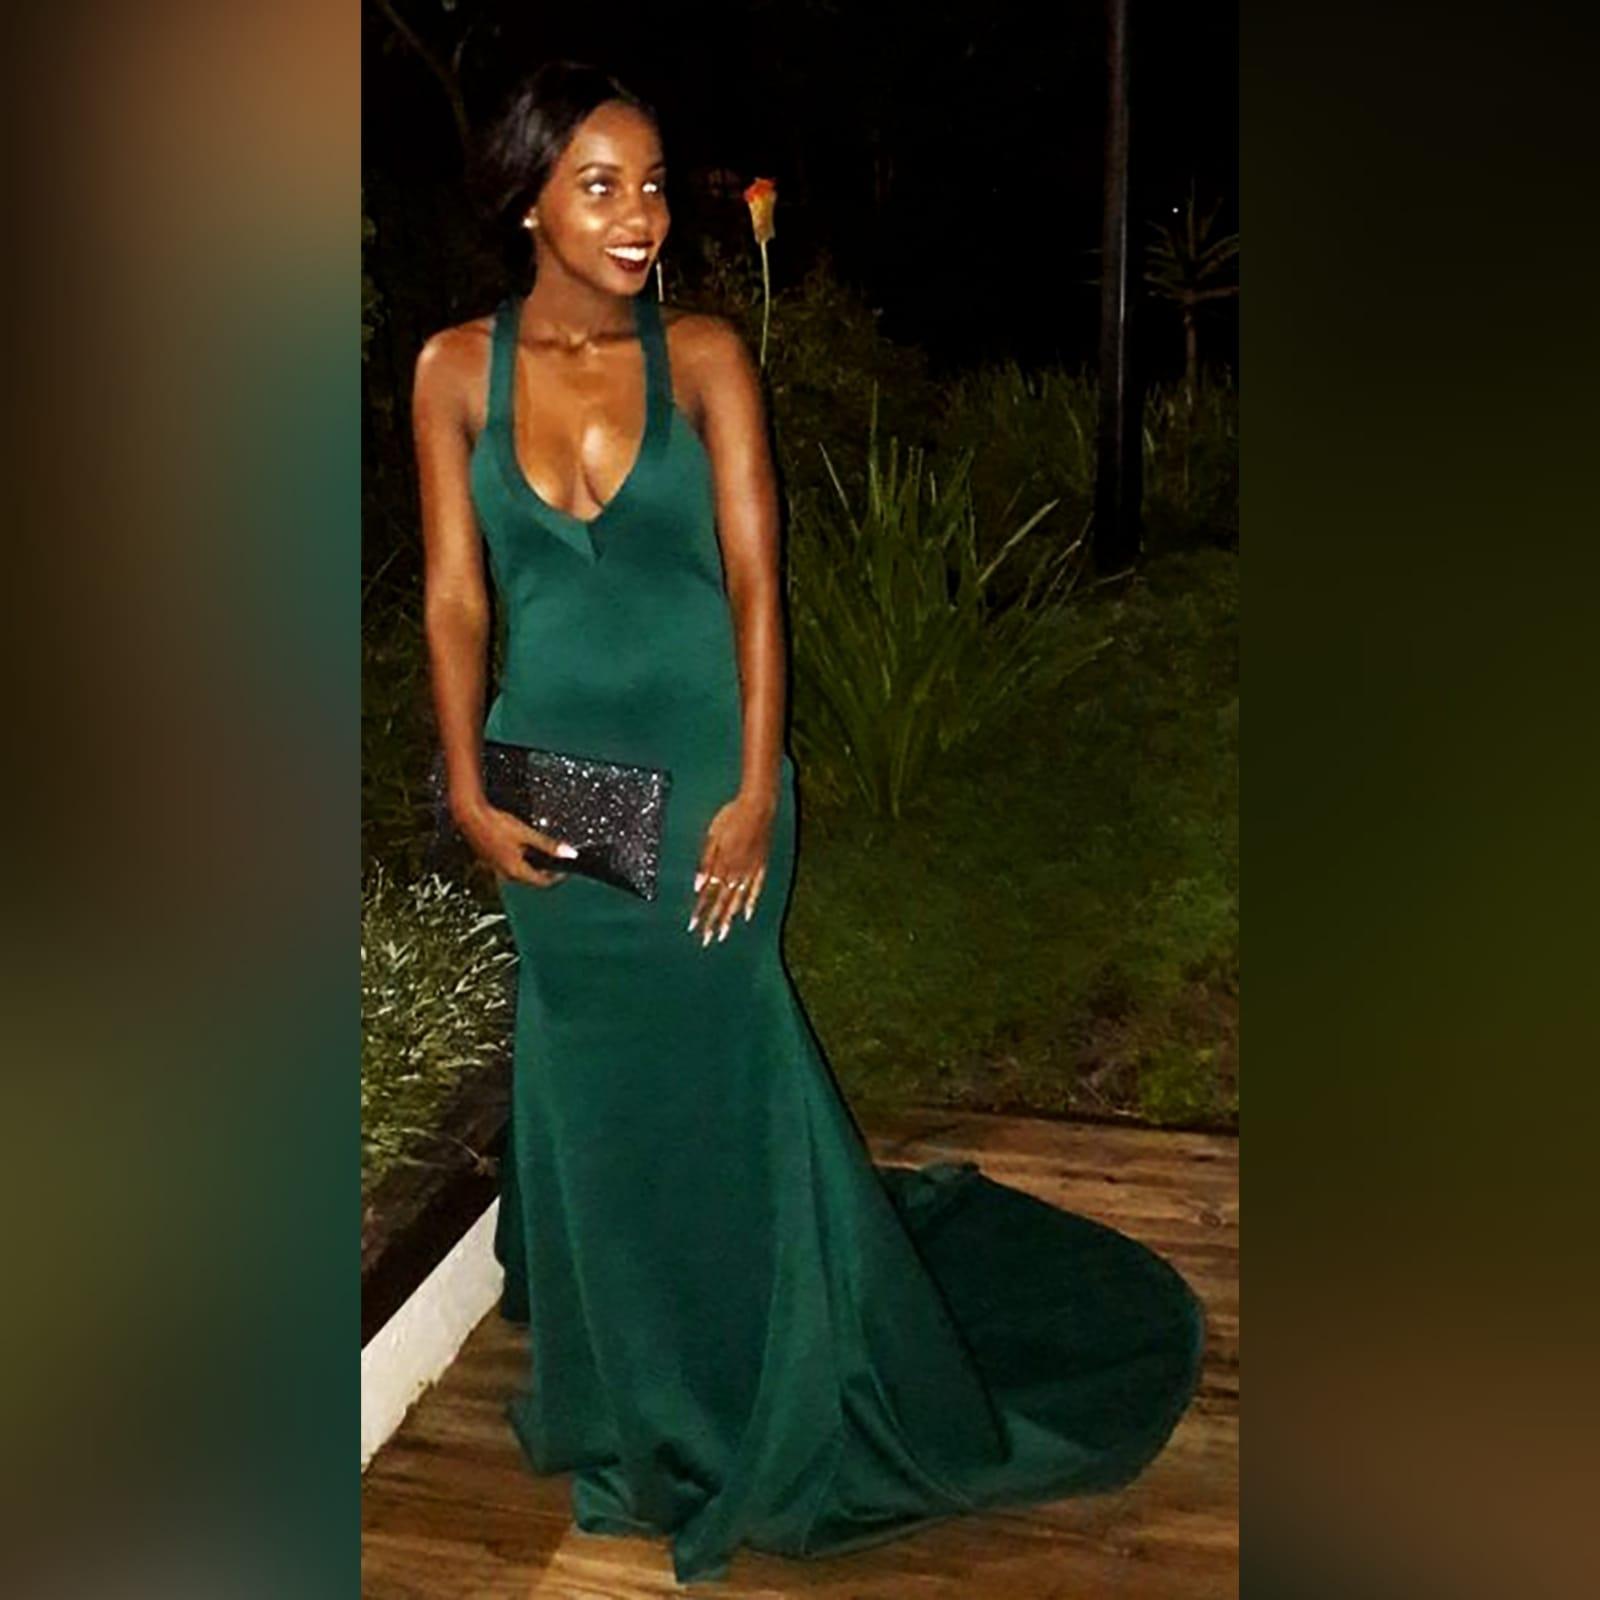 Vestido finalistas verde esmeralda sereia 4 vestido finalistas verde esmeralda sereia, com decote em v, costas abertas baixas em forma v com detalhe de pinças.